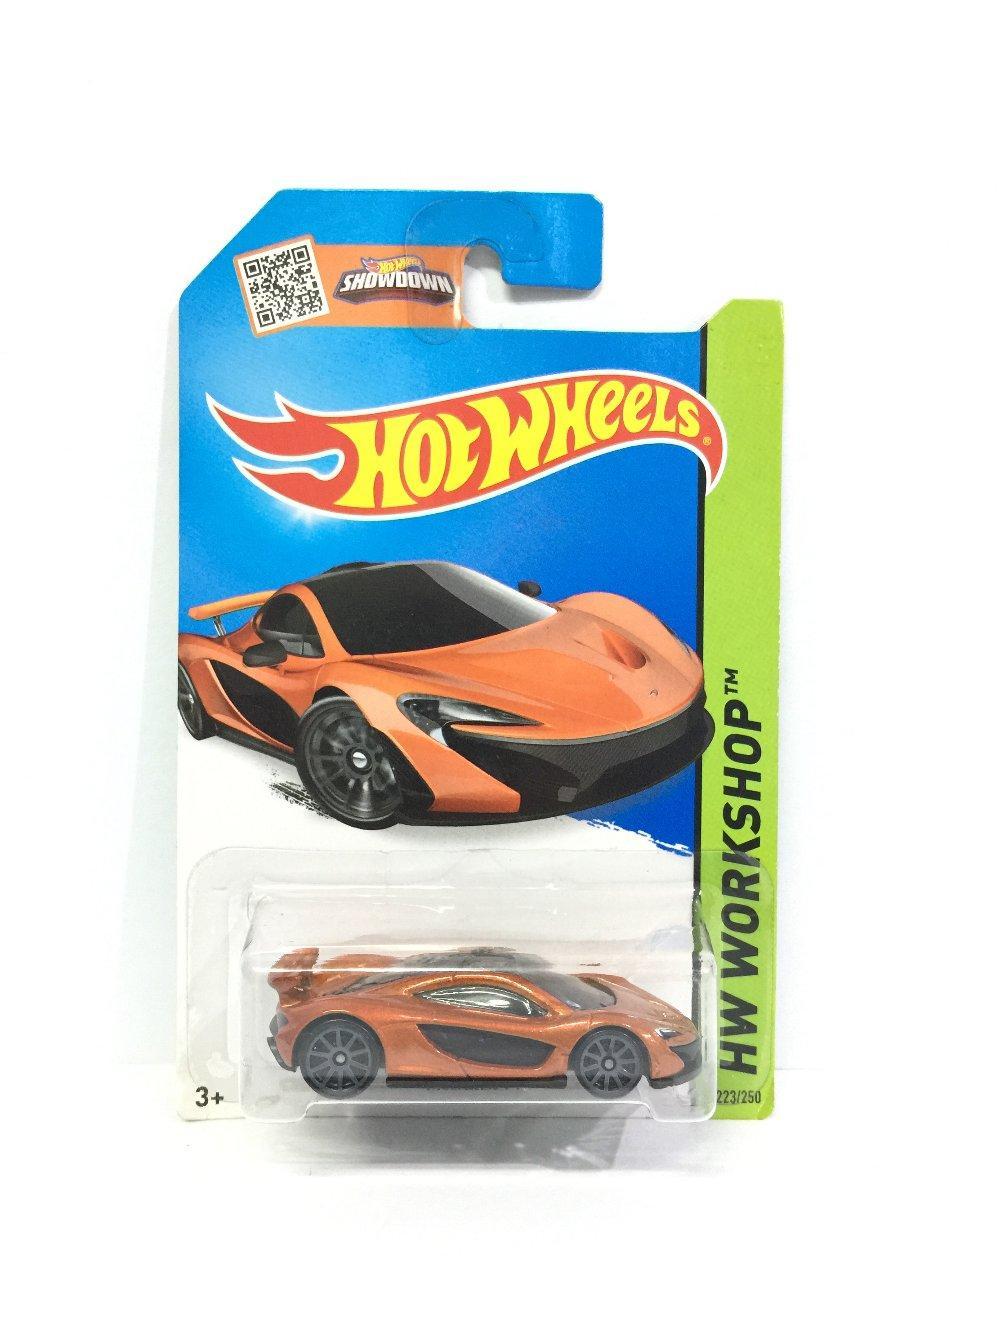 Hot wheels kendaraan die cast